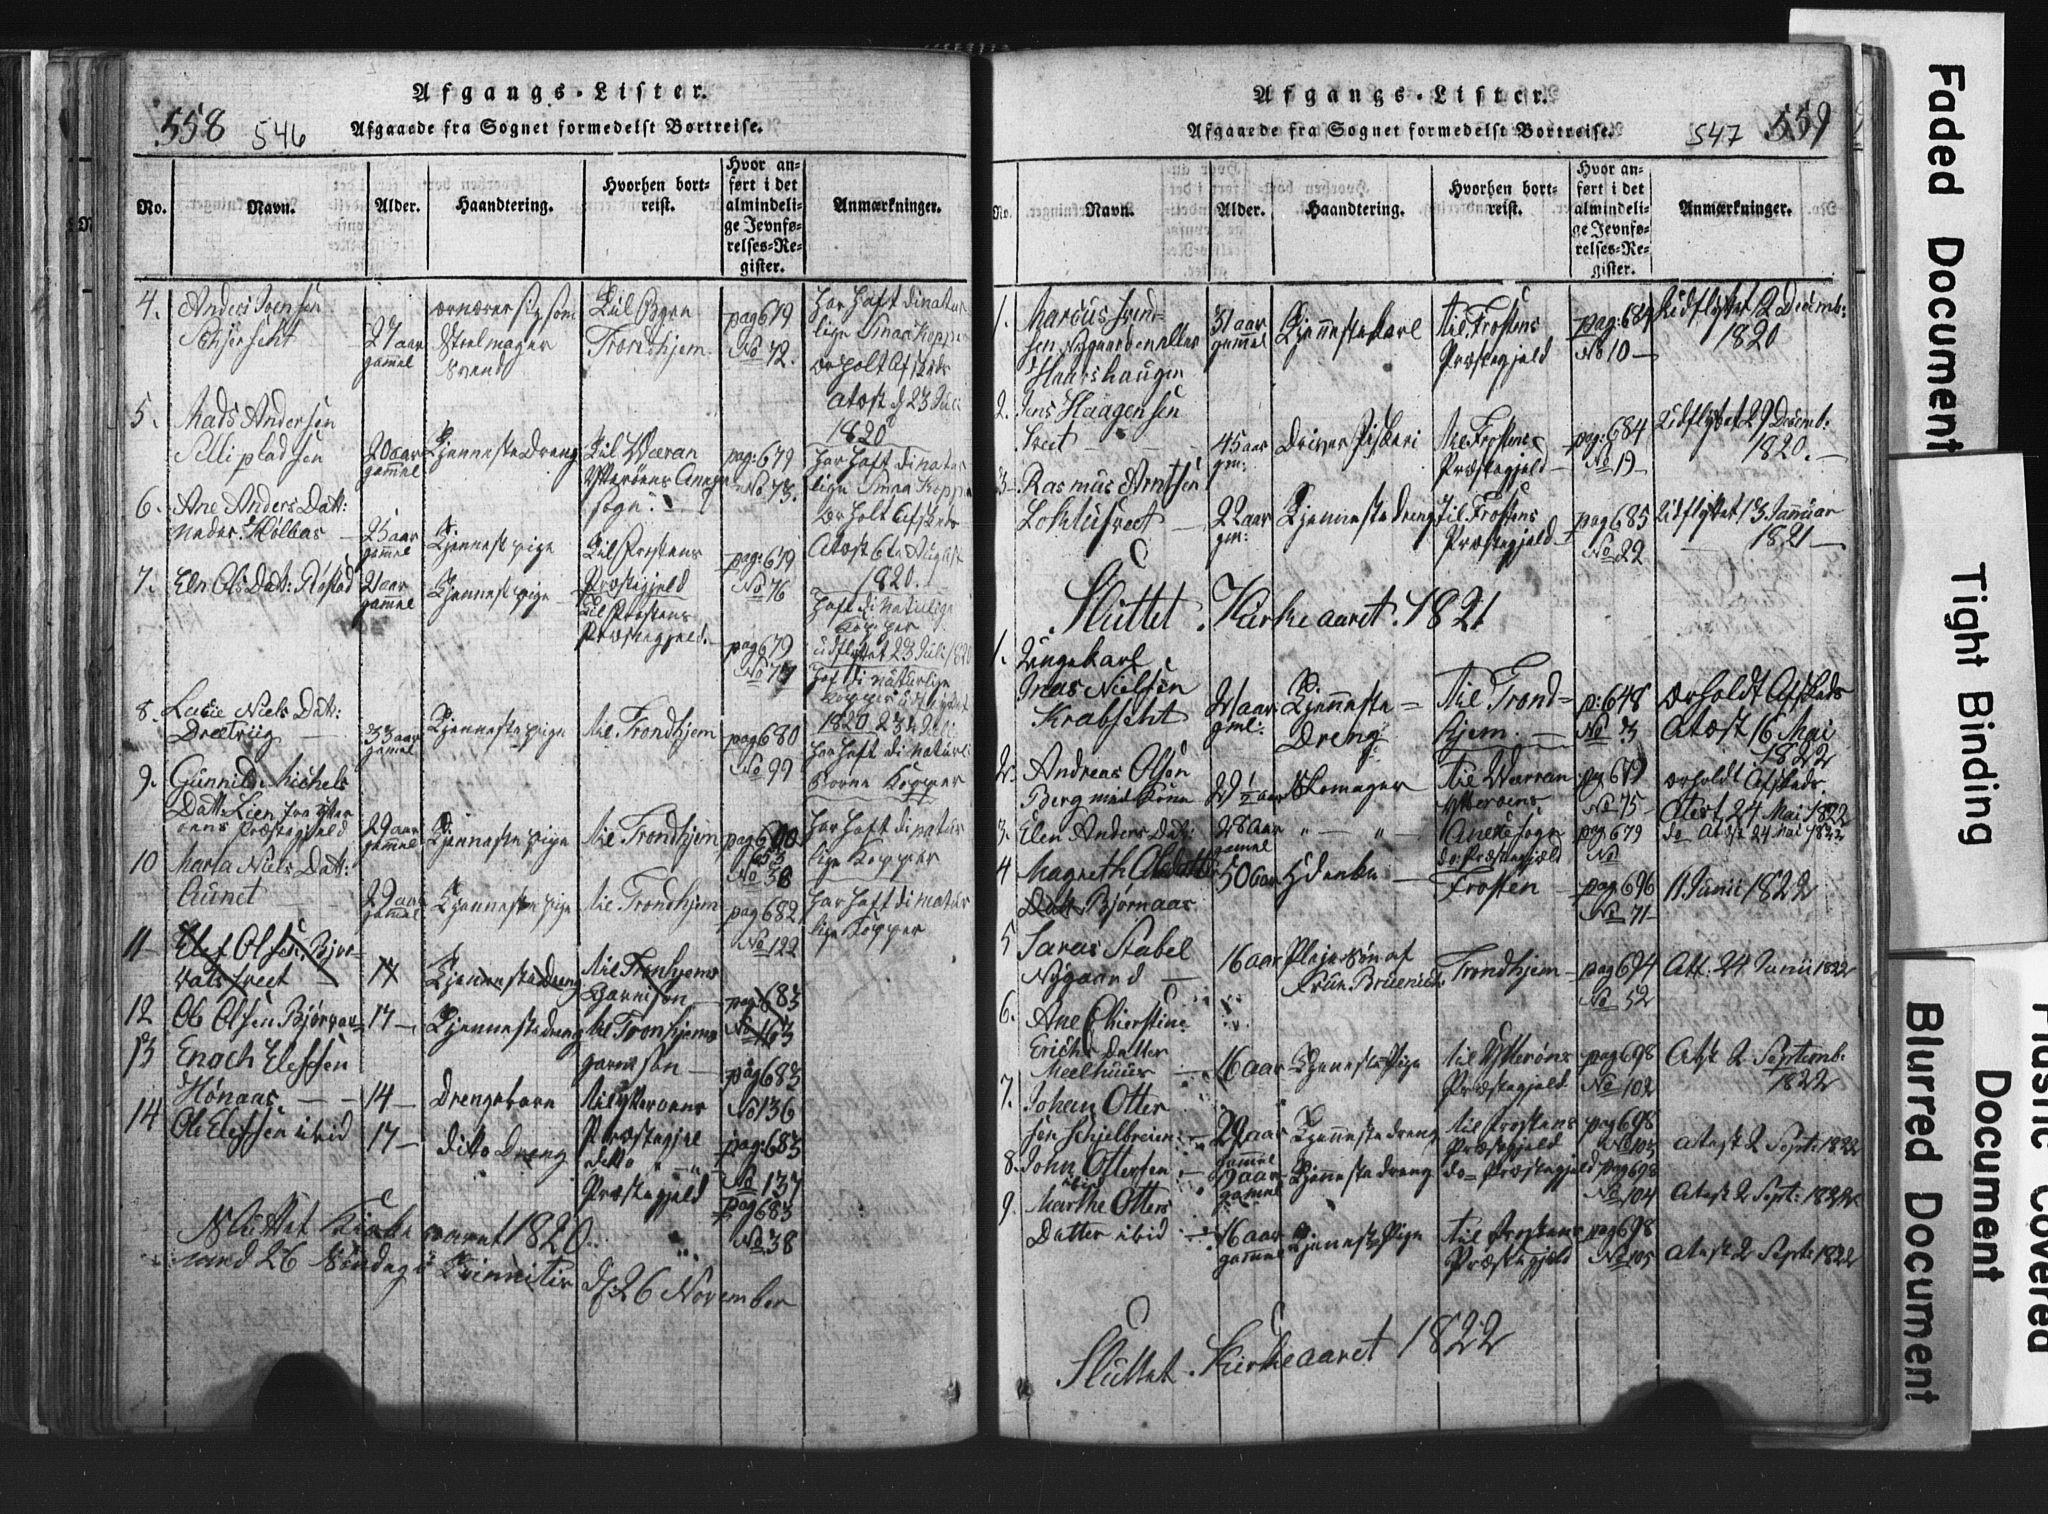 SAT, Ministerialprotokoller, klokkerbøker og fødselsregistre - Nord-Trøndelag, 701/L0017: Klokkerbok nr. 701C01, 1817-1825, s. 546-547